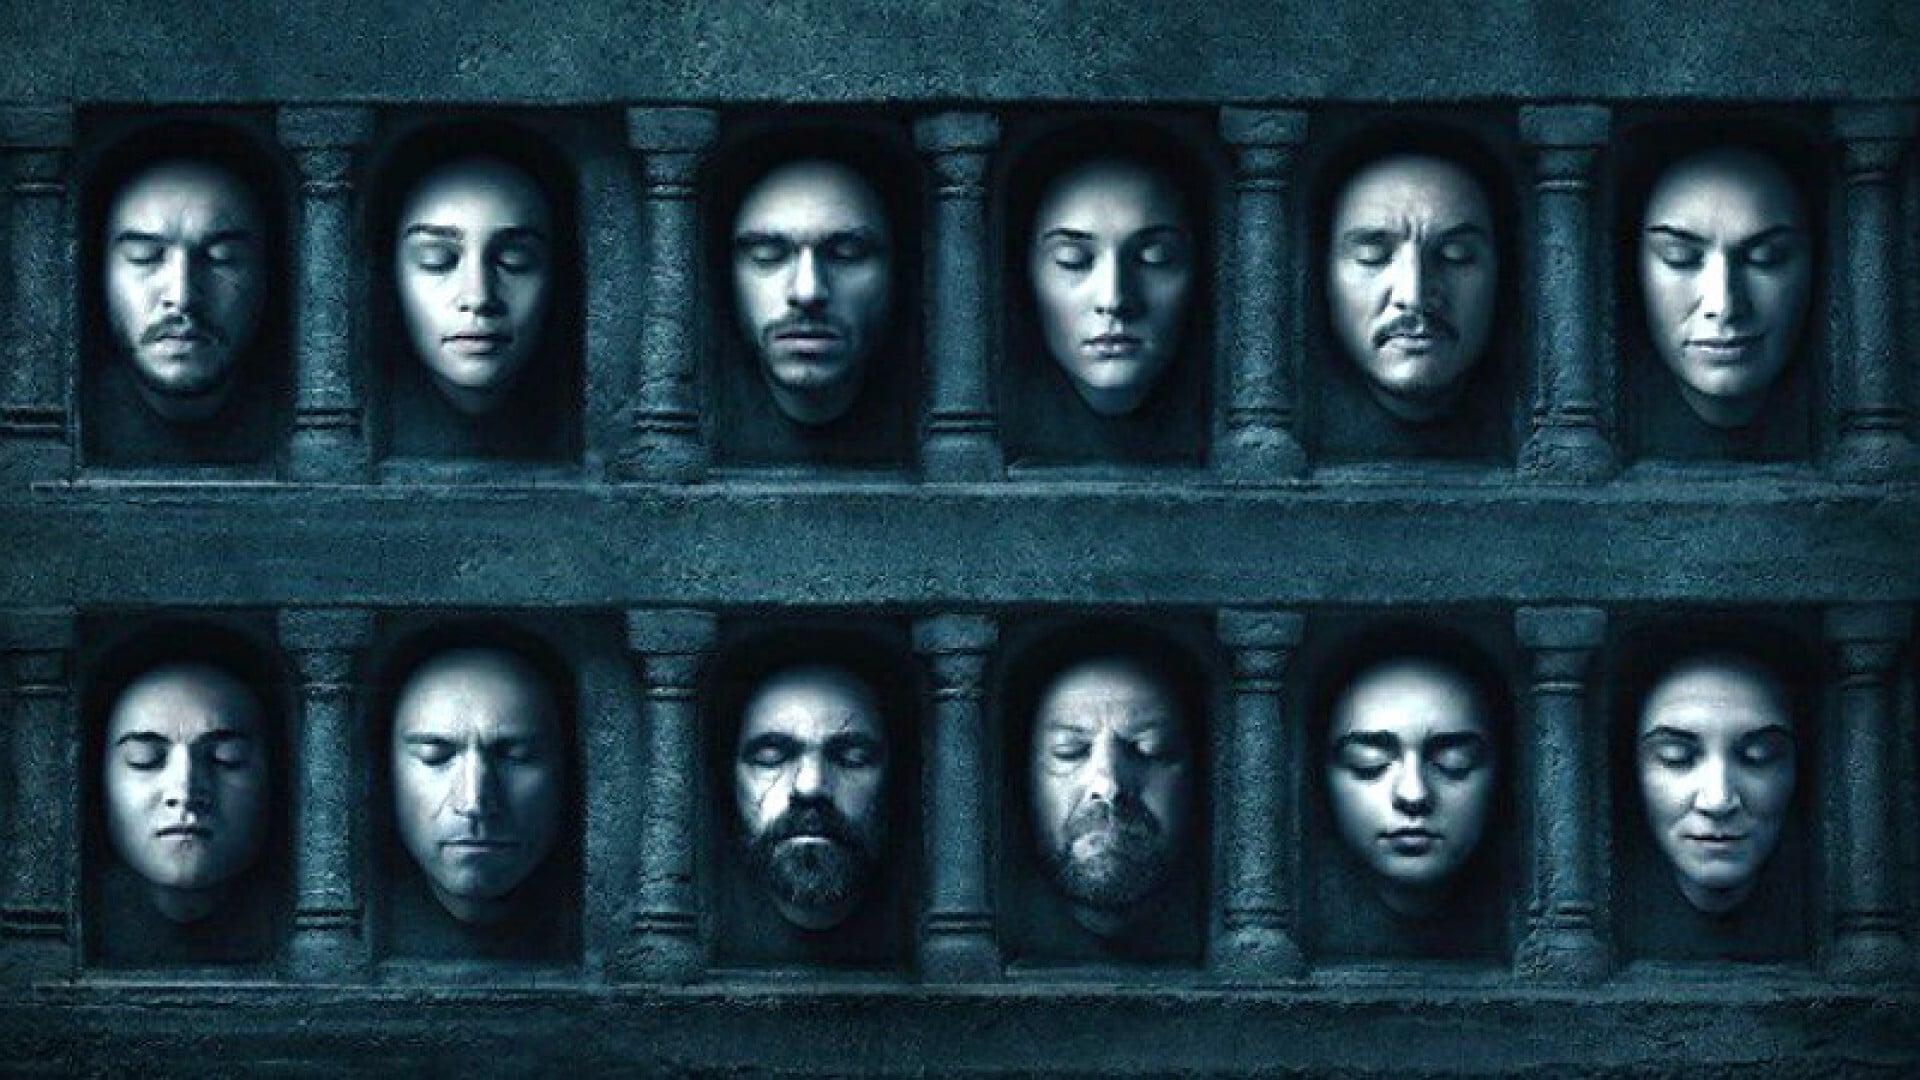 Game of Thrones - Season 0 Episode 27 : Inside the Episode: Season 7 Episode 2 (1970)